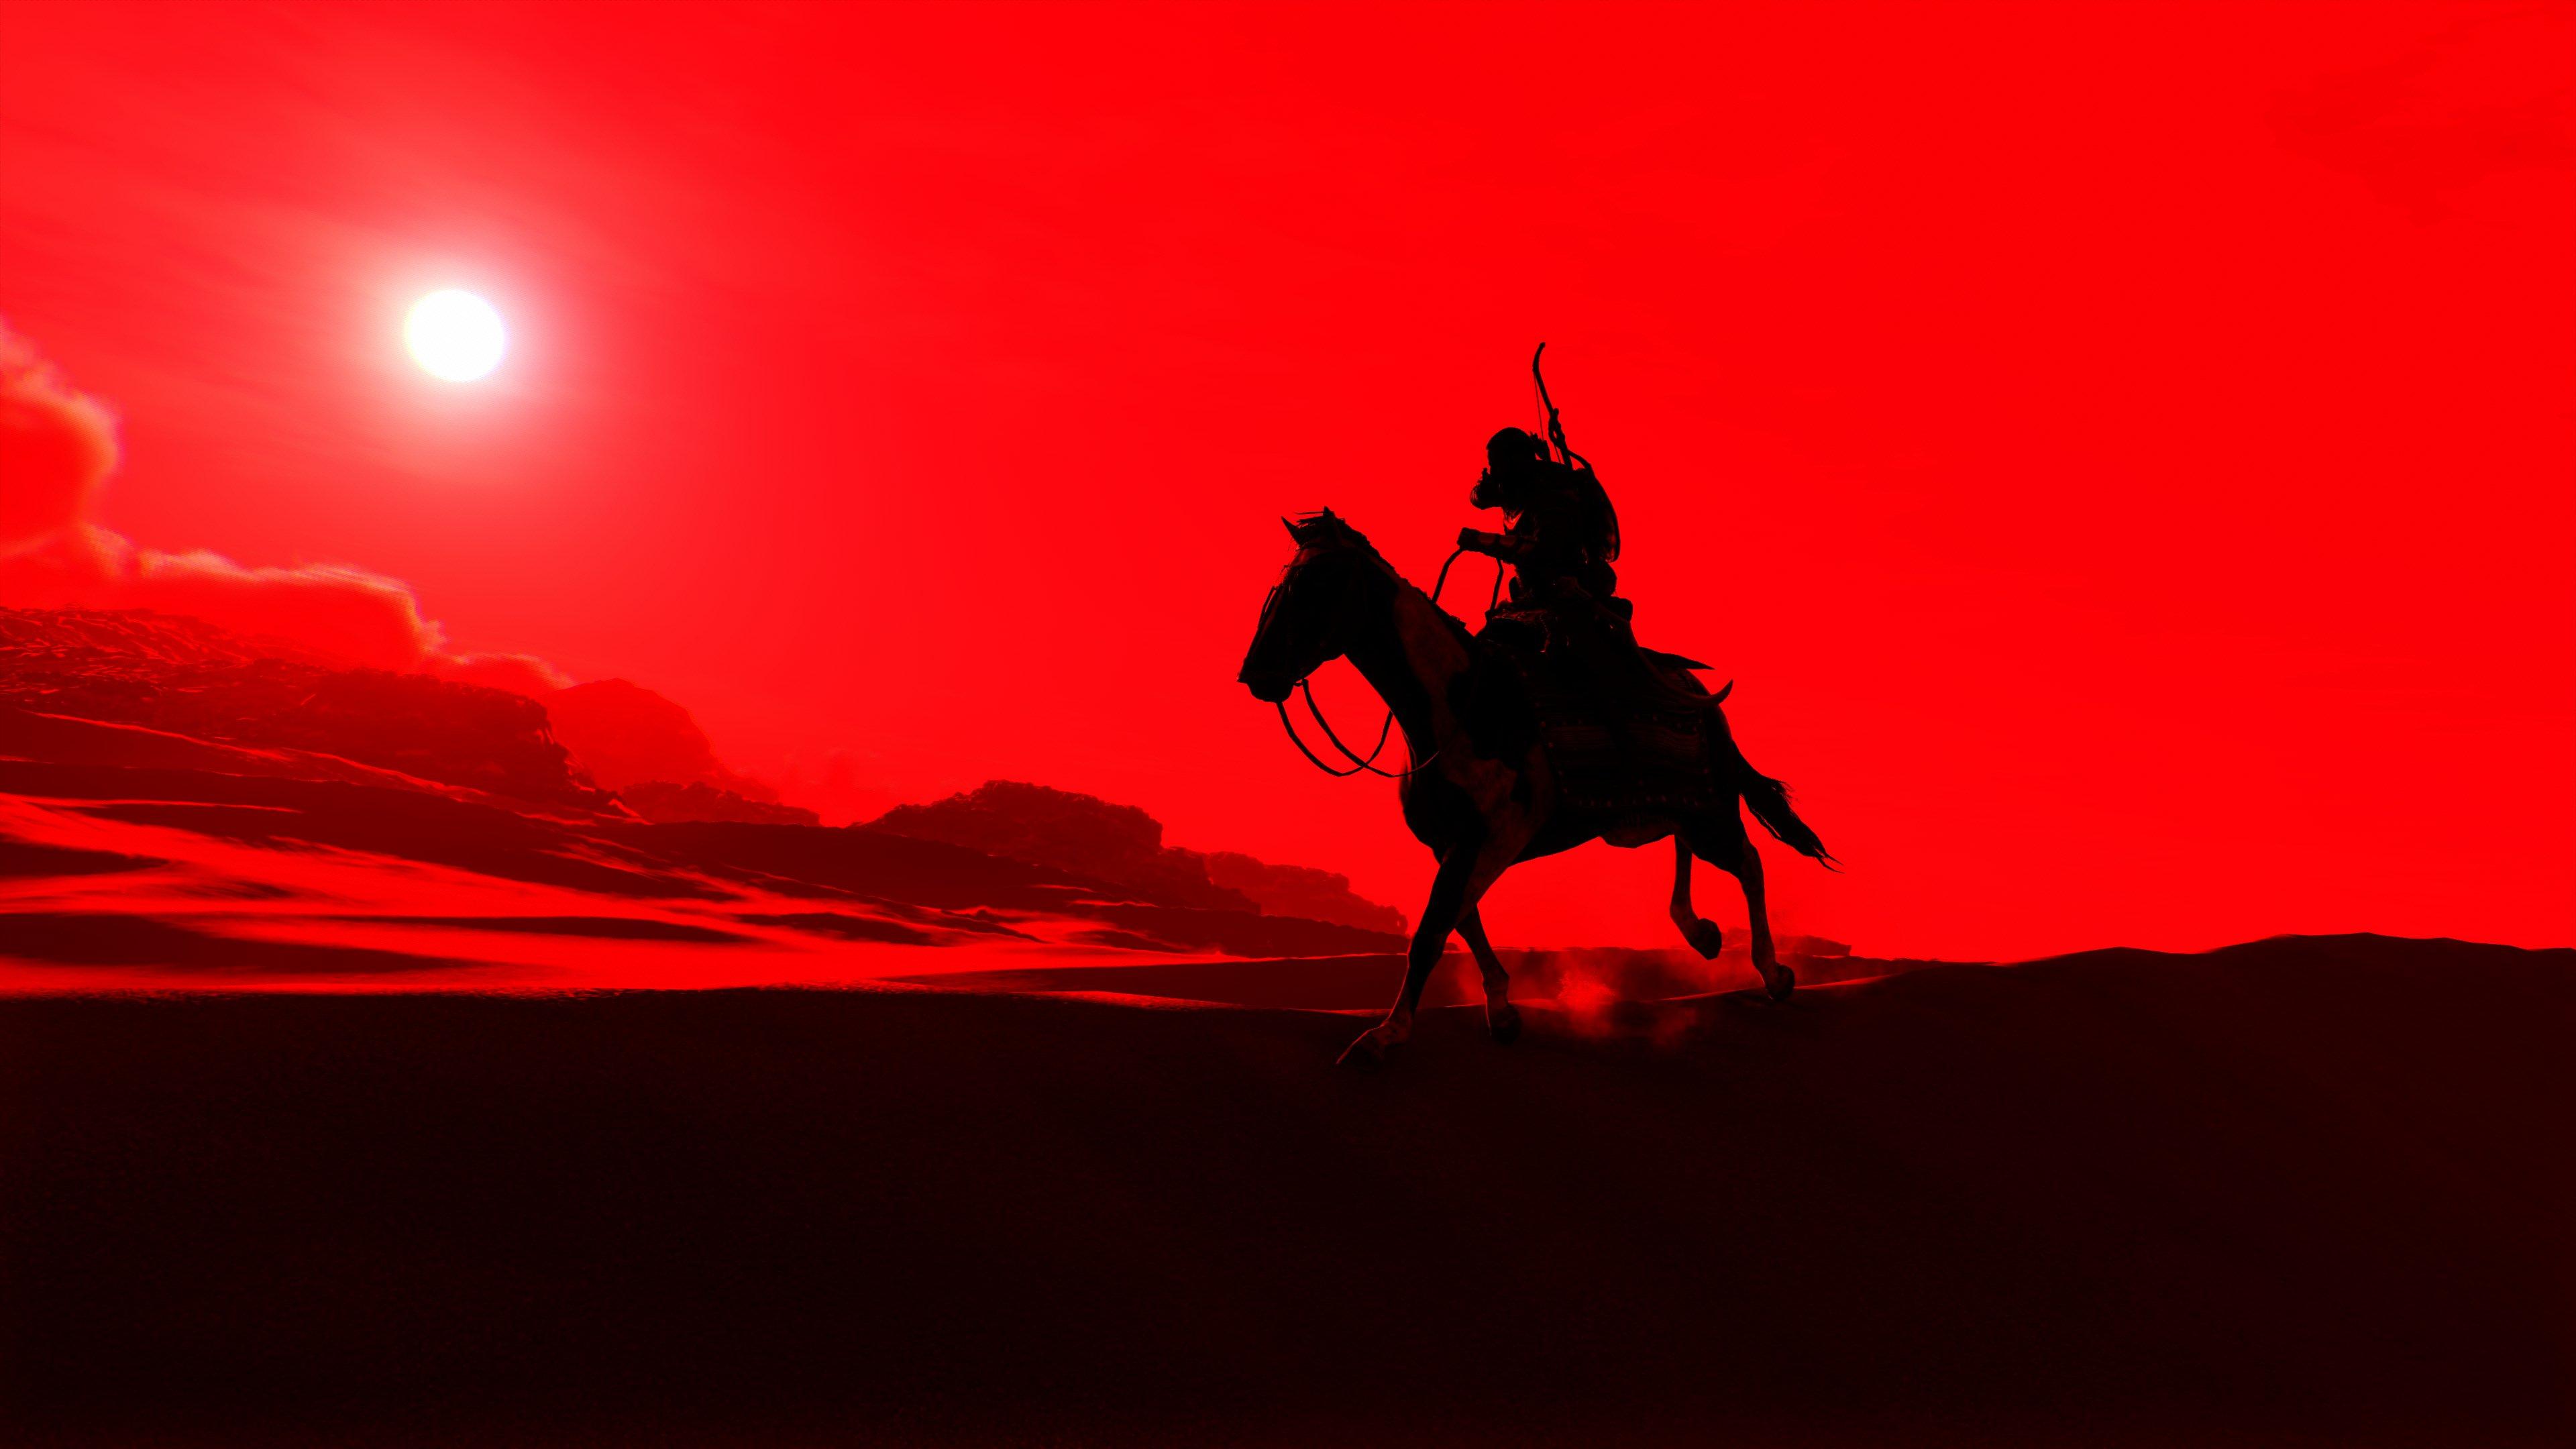 Силуэт лошади с наездником на фоне красного заката в пустыне